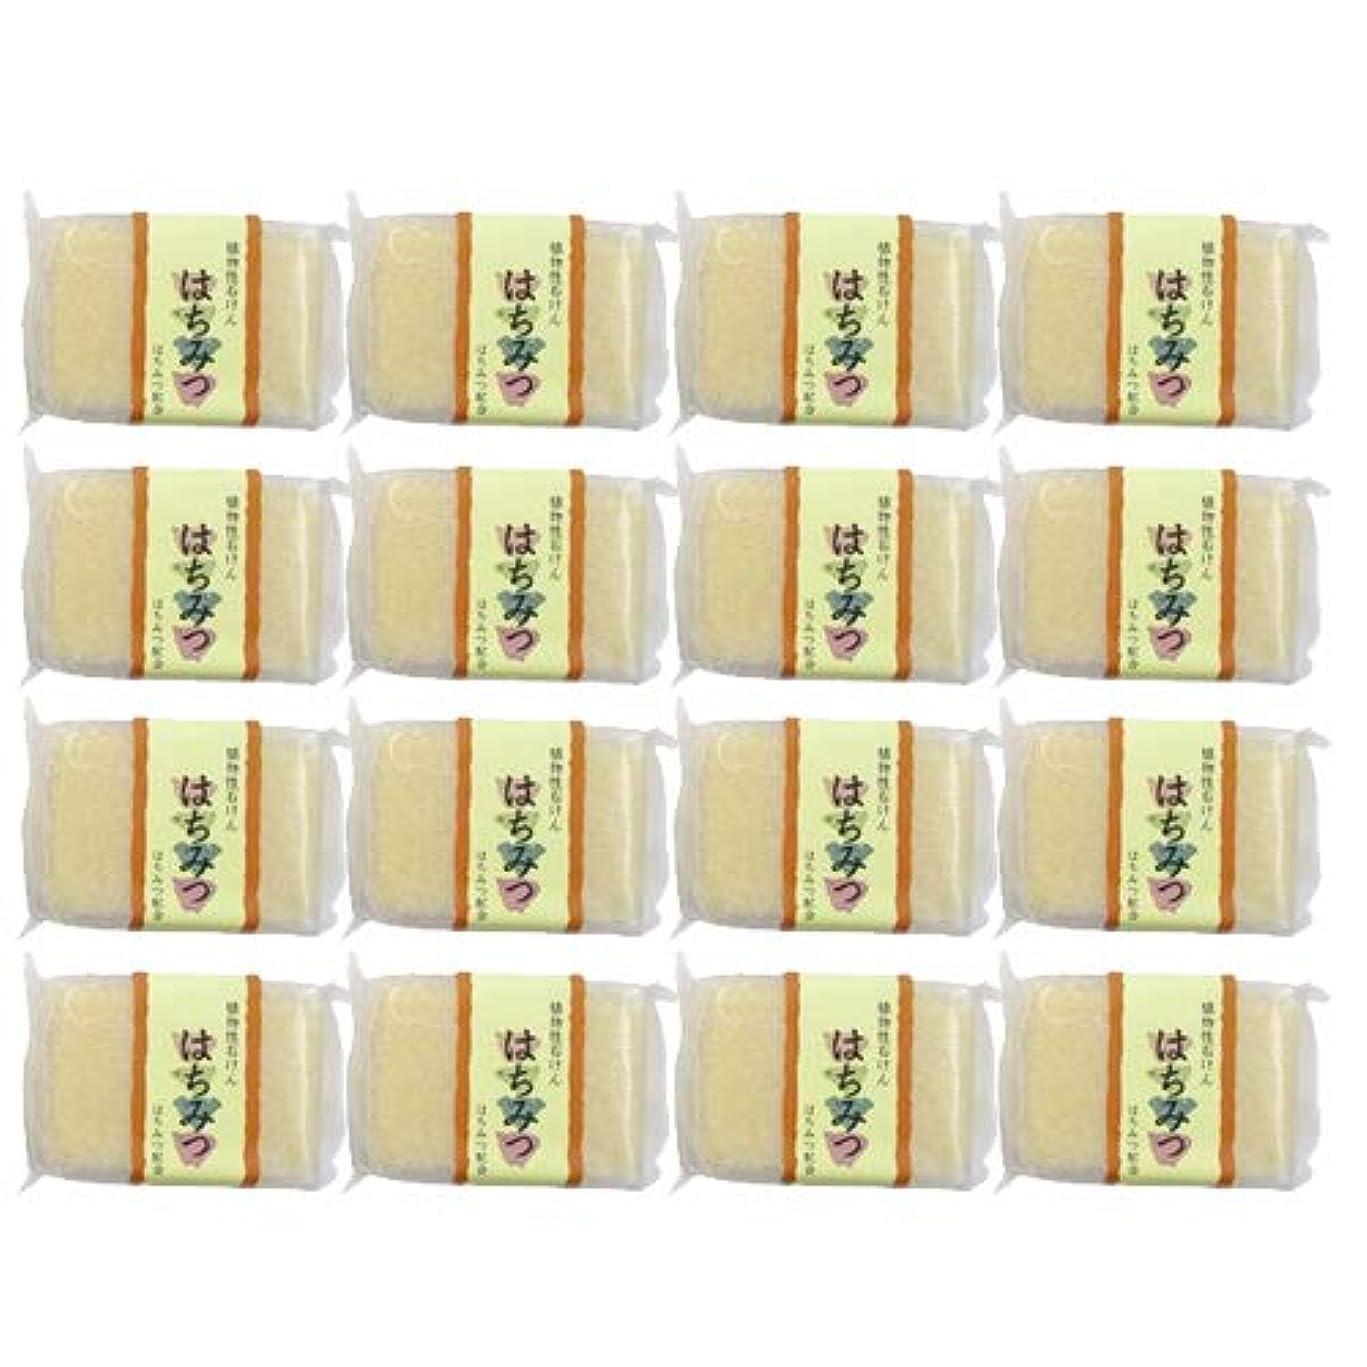 同級生強化珍味植物性ソープ 自然石けん はちみつ 80g ×16個